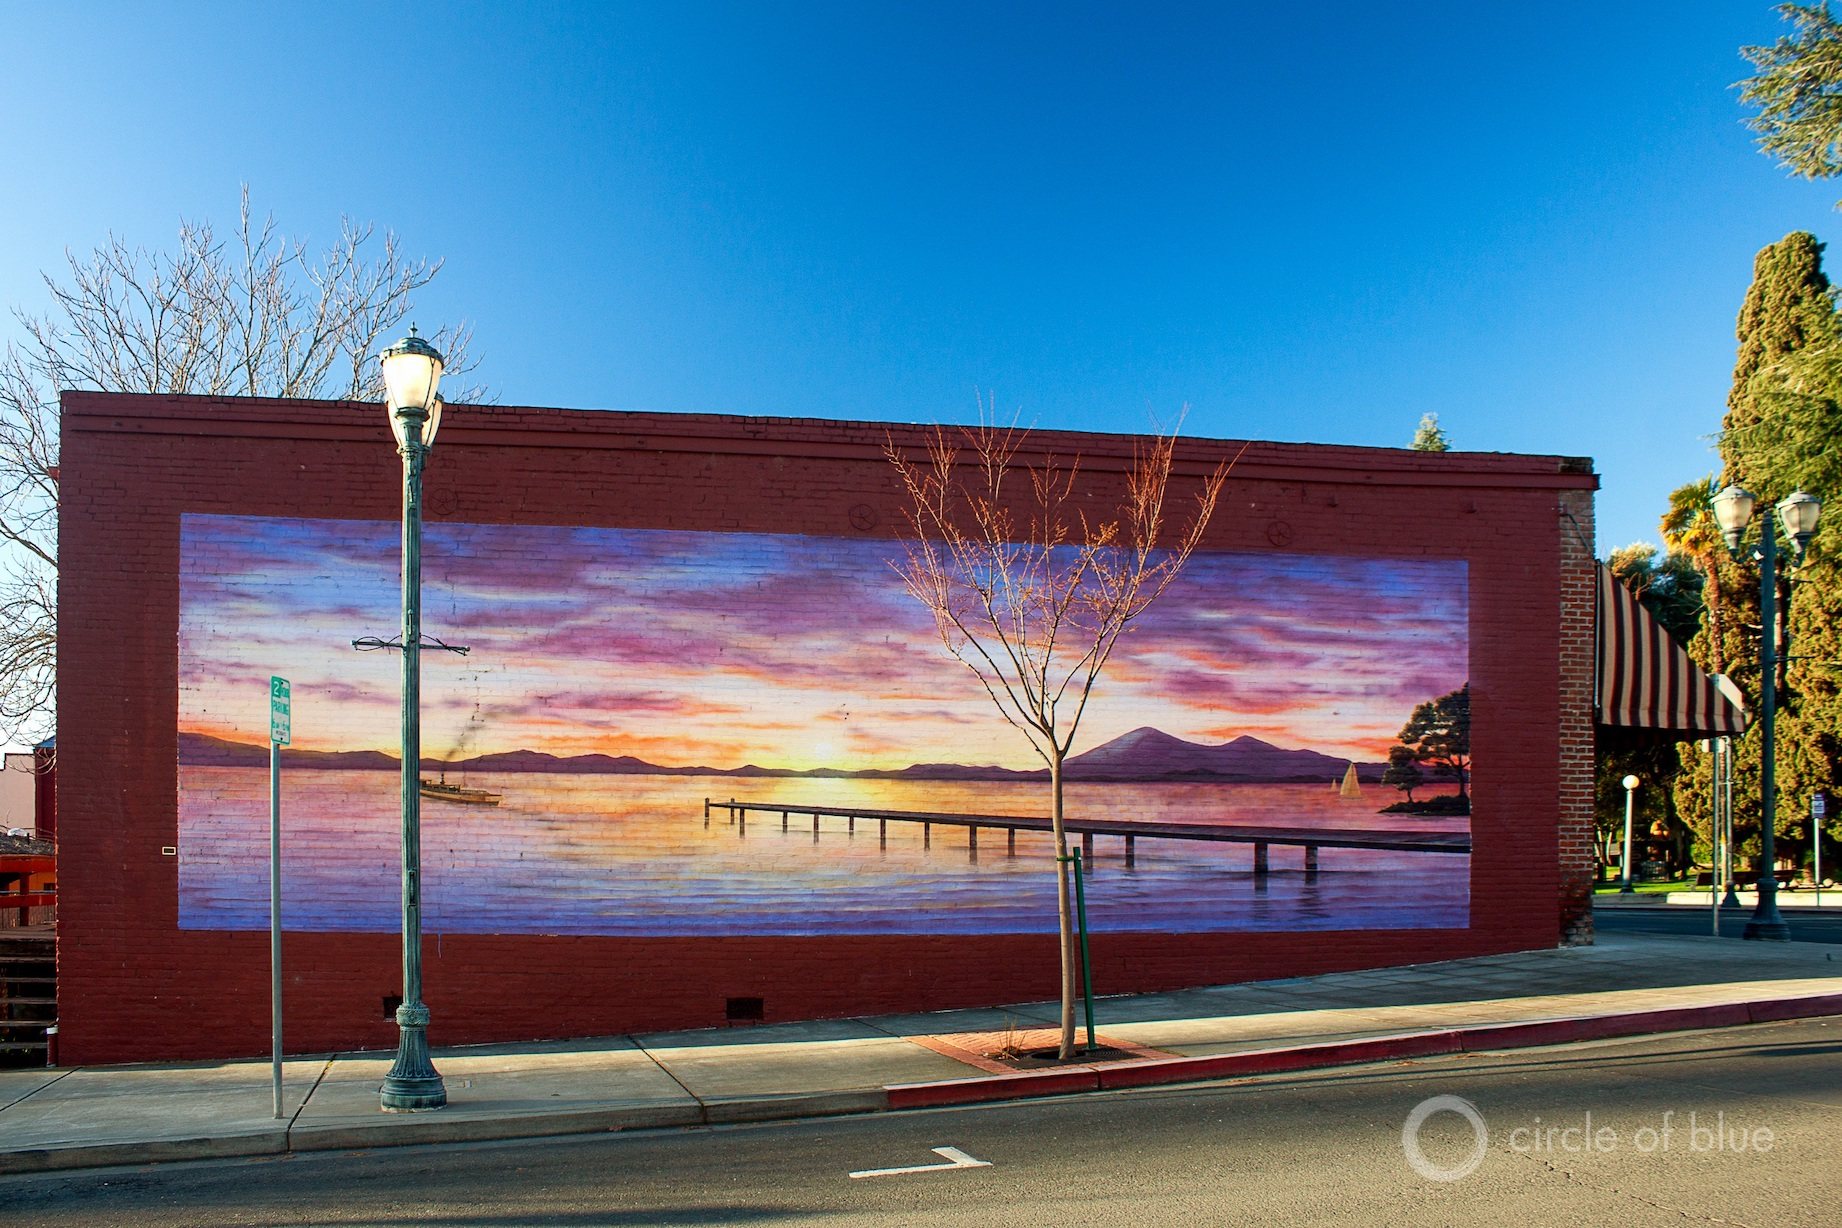 Clear Lake, California mural